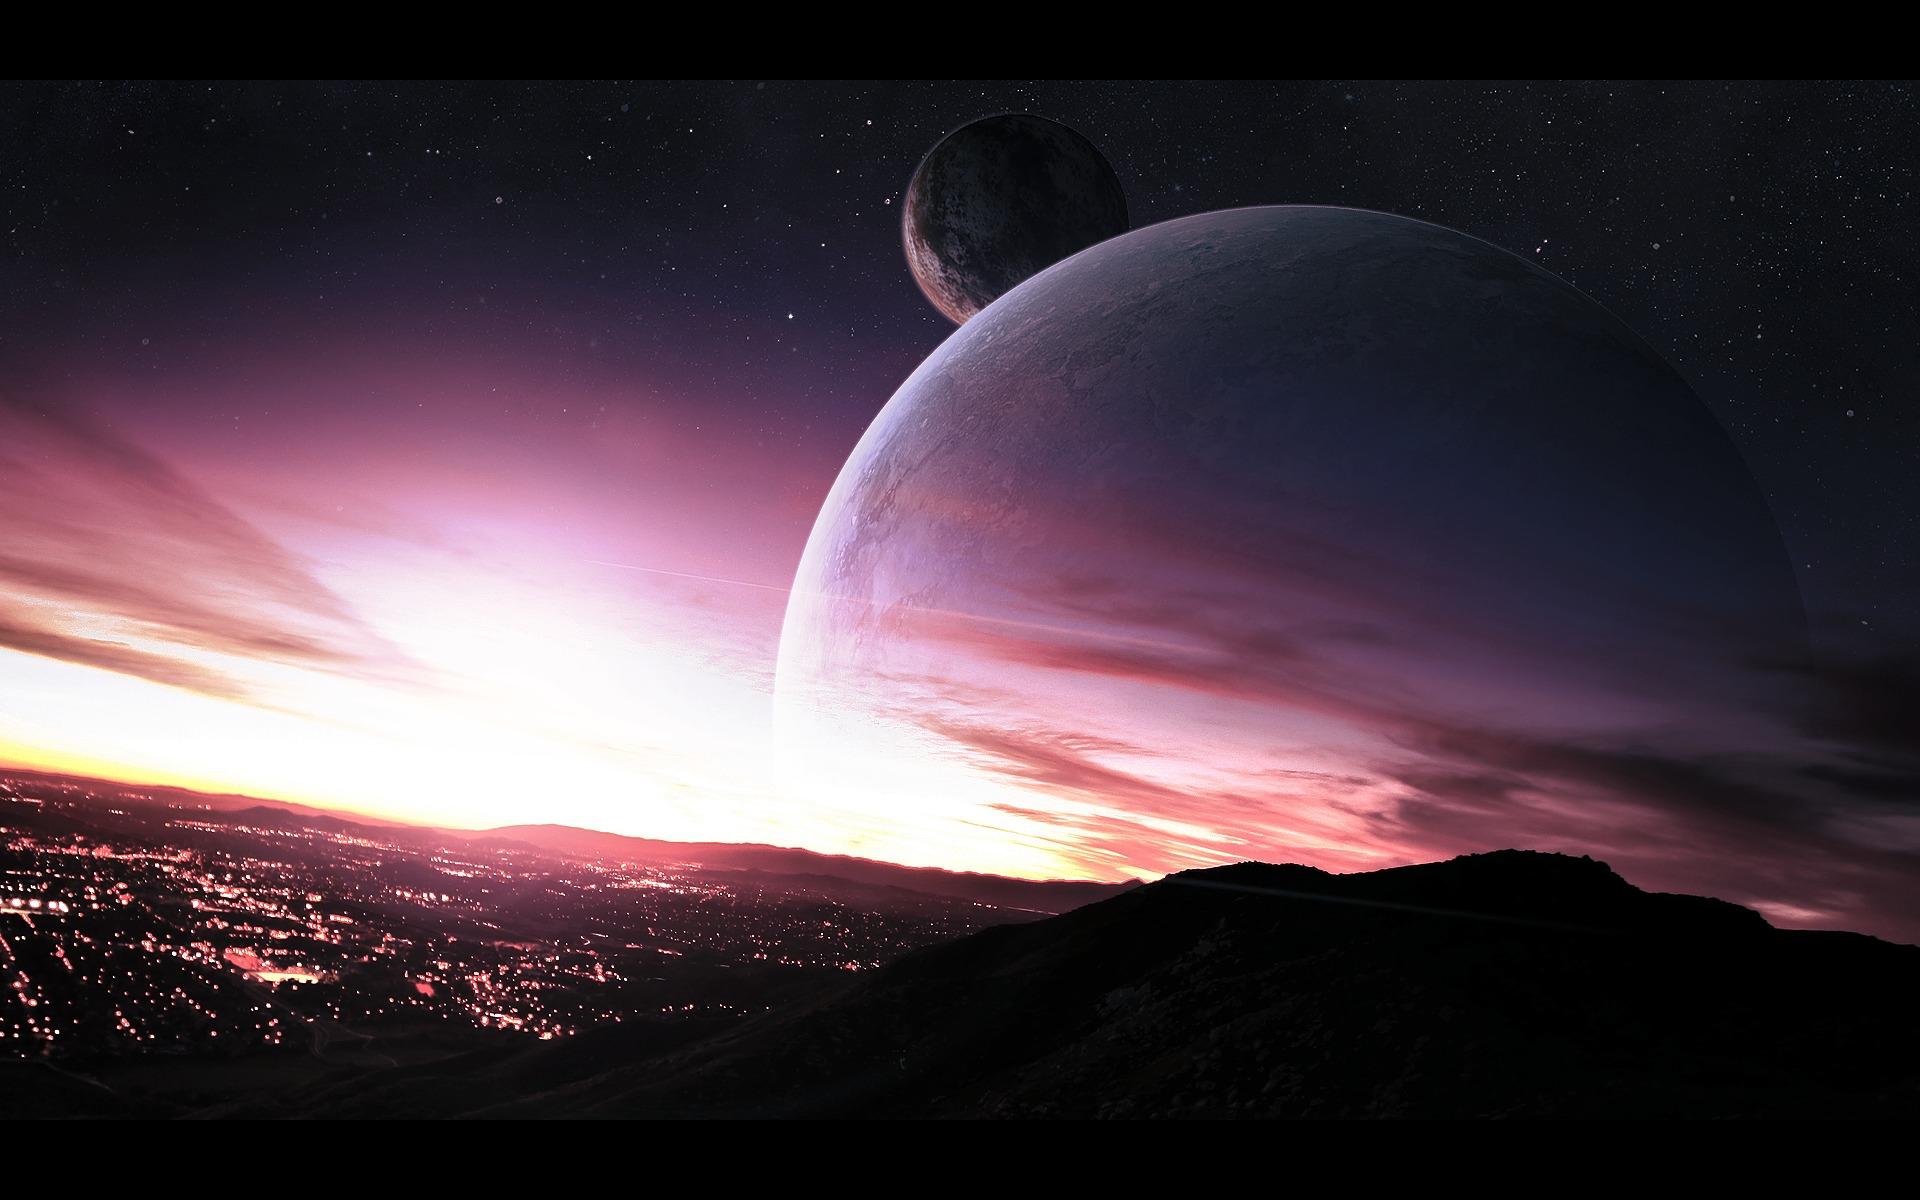 близкий космос картинки опубликованное